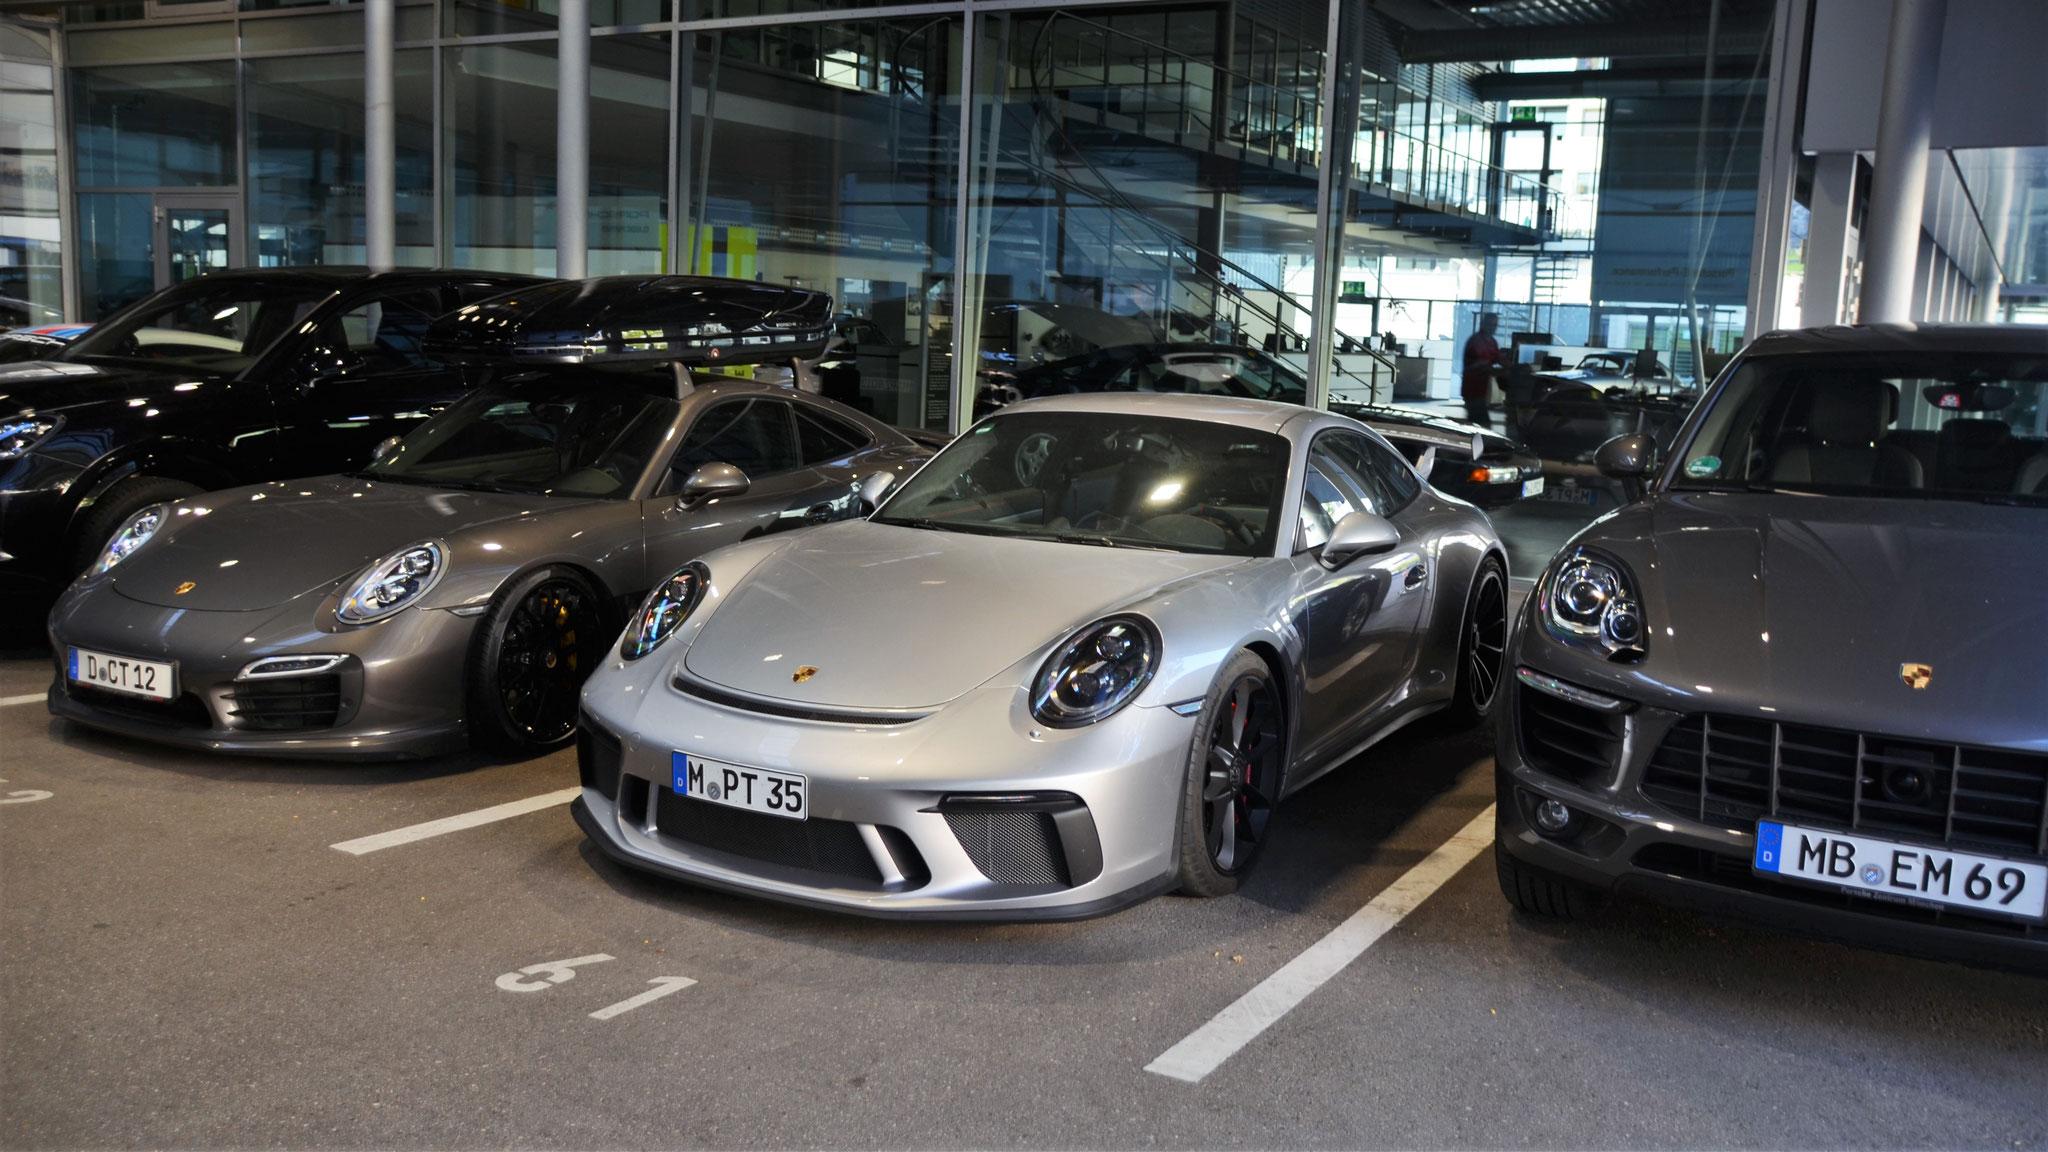 Porsche 991 GT3 - MM-HT-991-PT-35